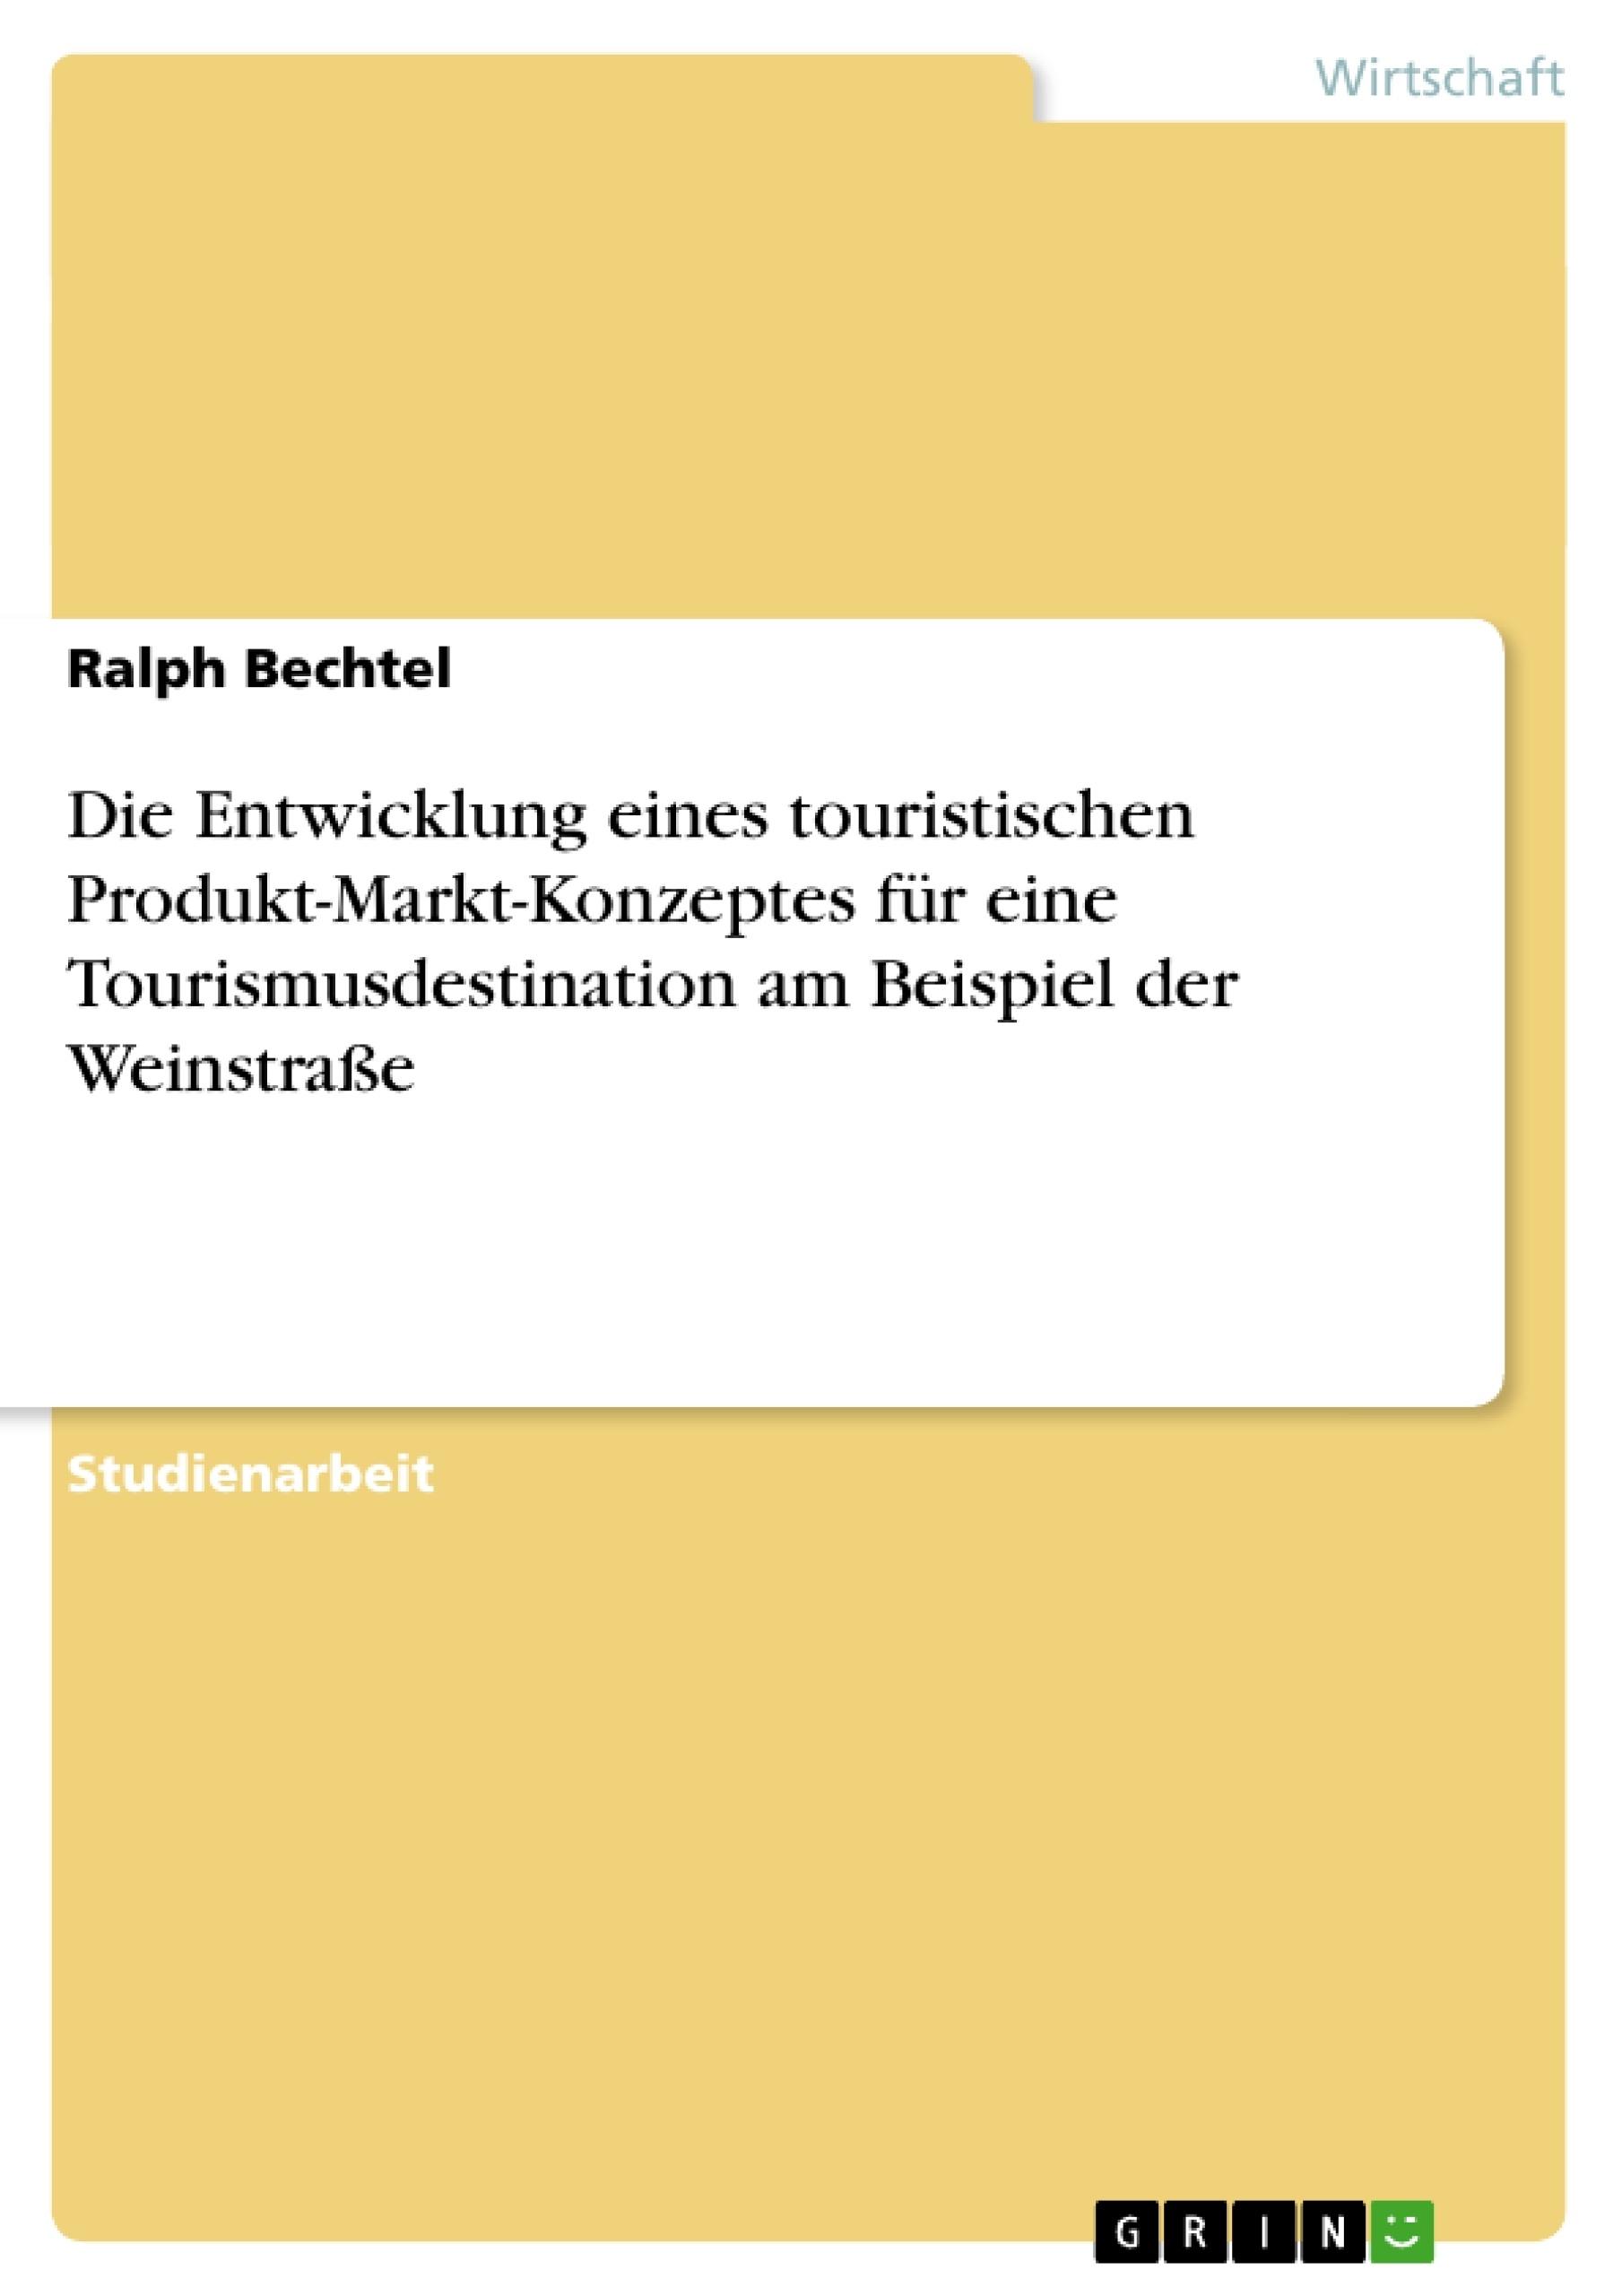 Titel: Die Entwicklung eines touristischen Produkt-Markt-Konzeptes für eine Tourismusdestination am Beispiel der Weinstraße